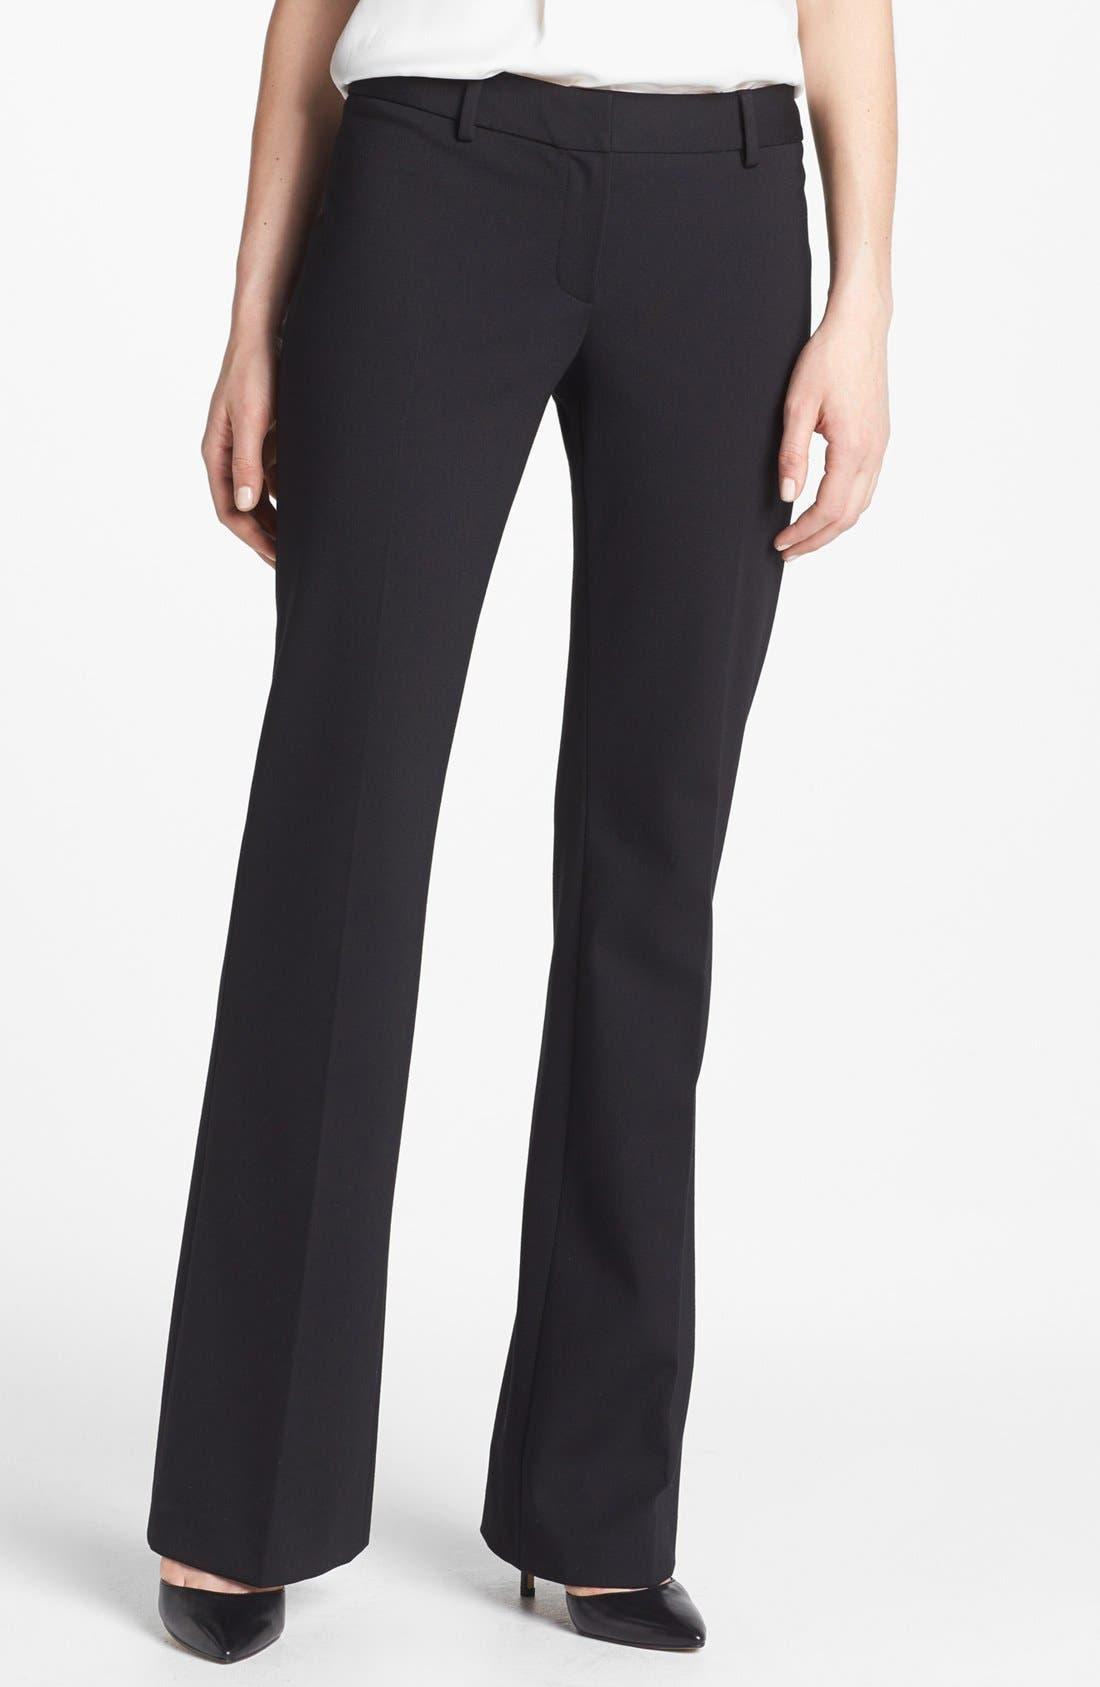 Main Image - Elie Tahari 'Verda' Trousers